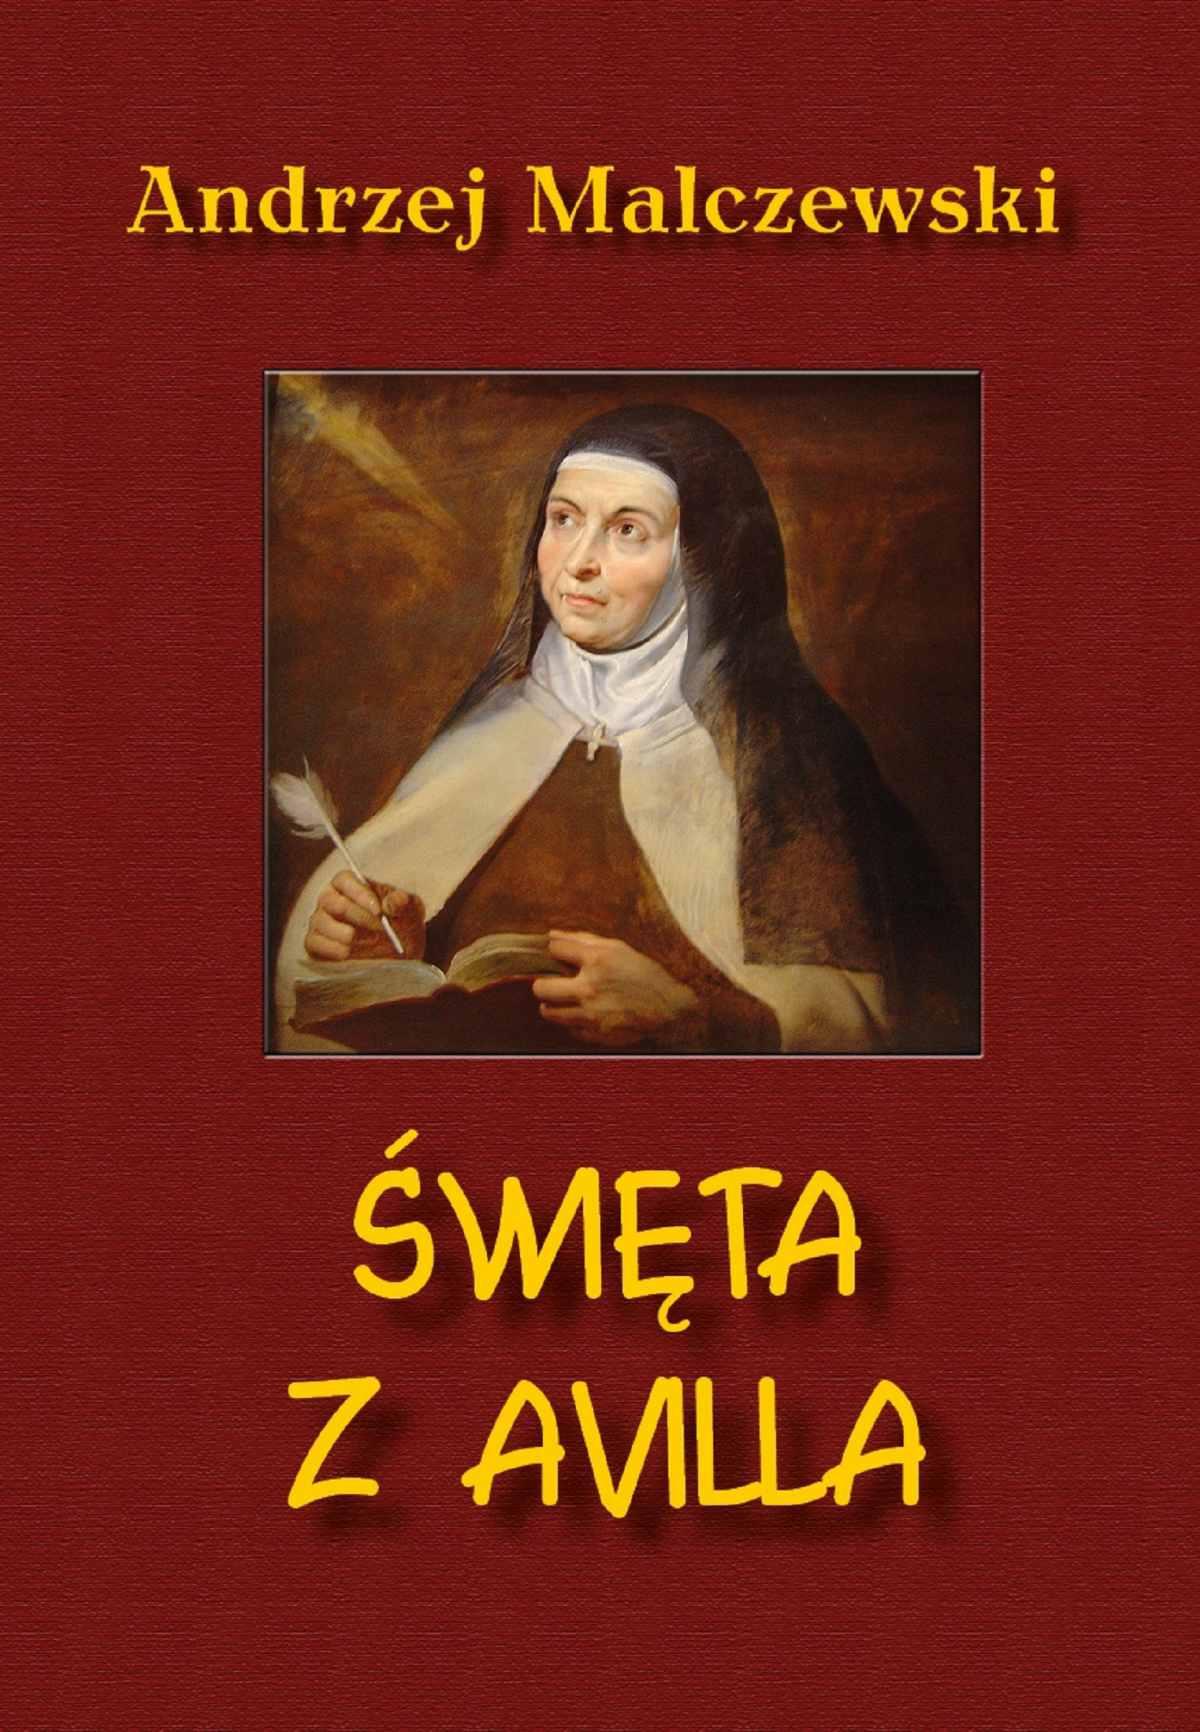 Święta z Avilla - Ebook (Książka PDF) do pobrania w formacie PDF